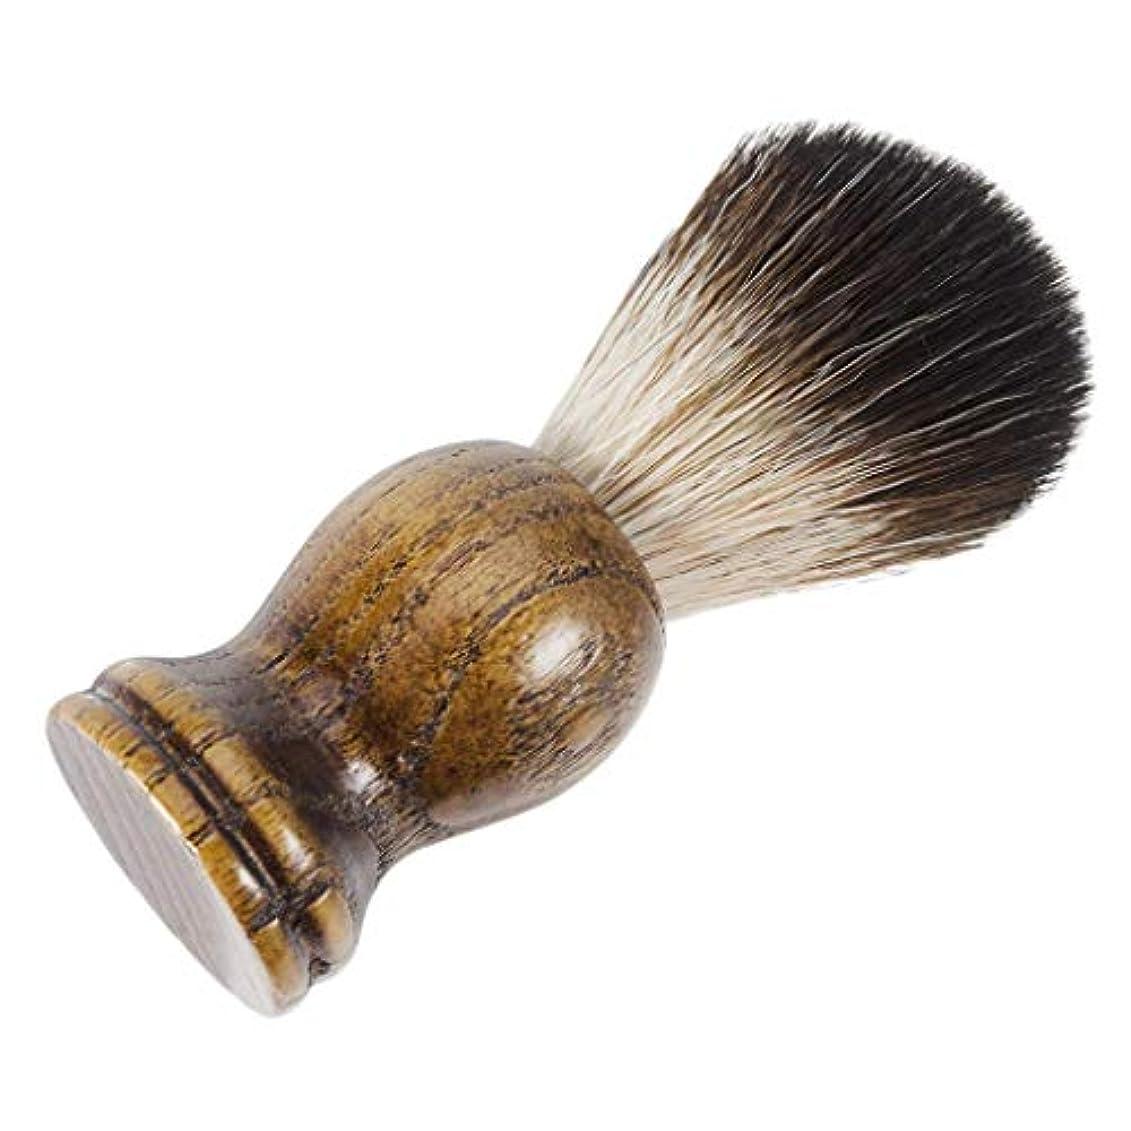 モニカチャンピオンシップ供給シェービング用ブラシ メンズ 理容 洗顔 髭剃り 泡立ち